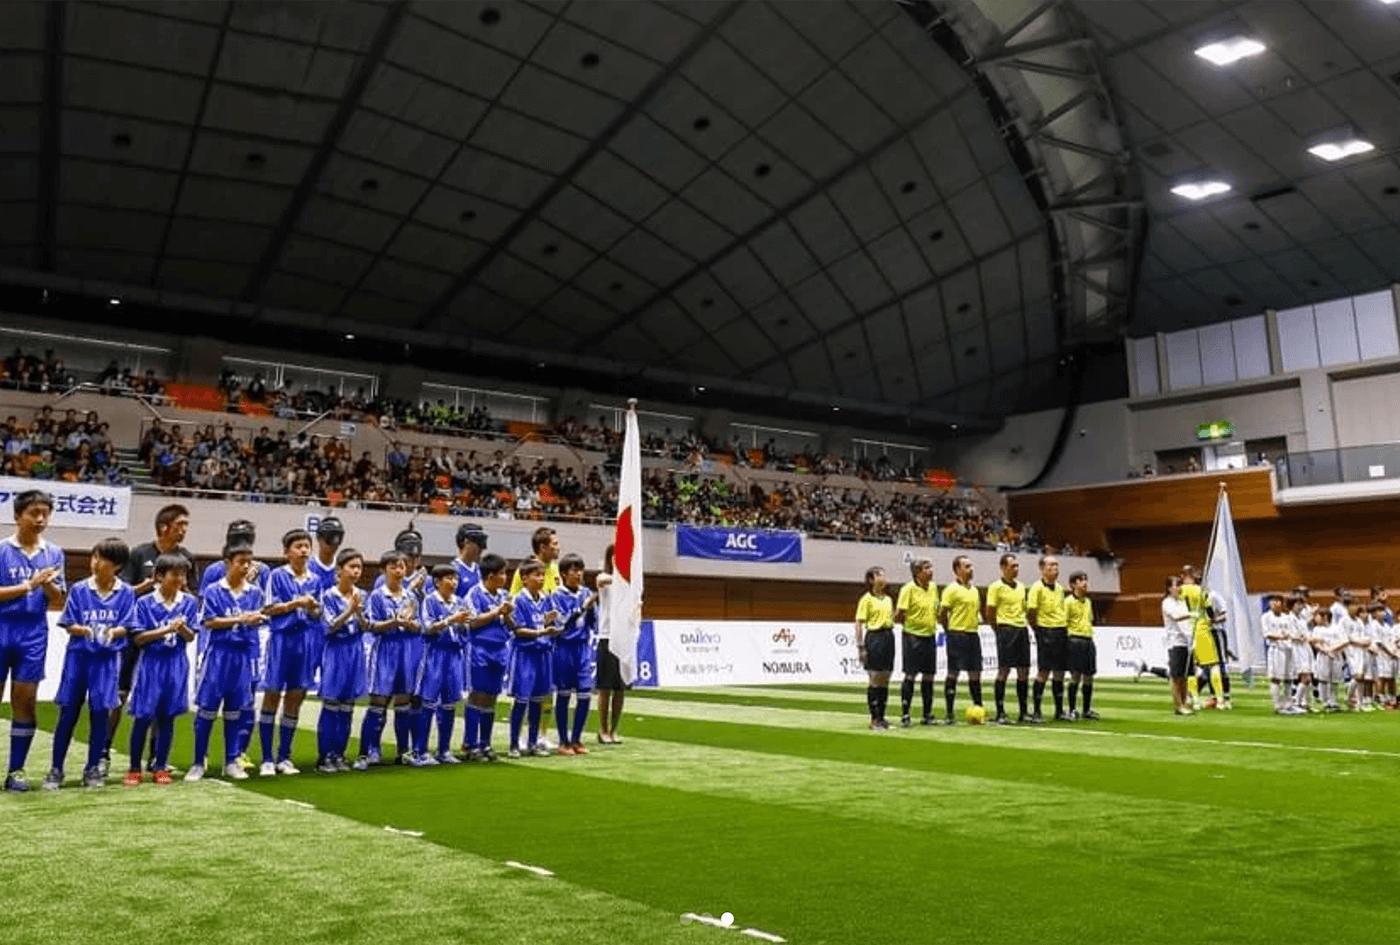 ブラインドサッカー チャレンジカップ   東京都